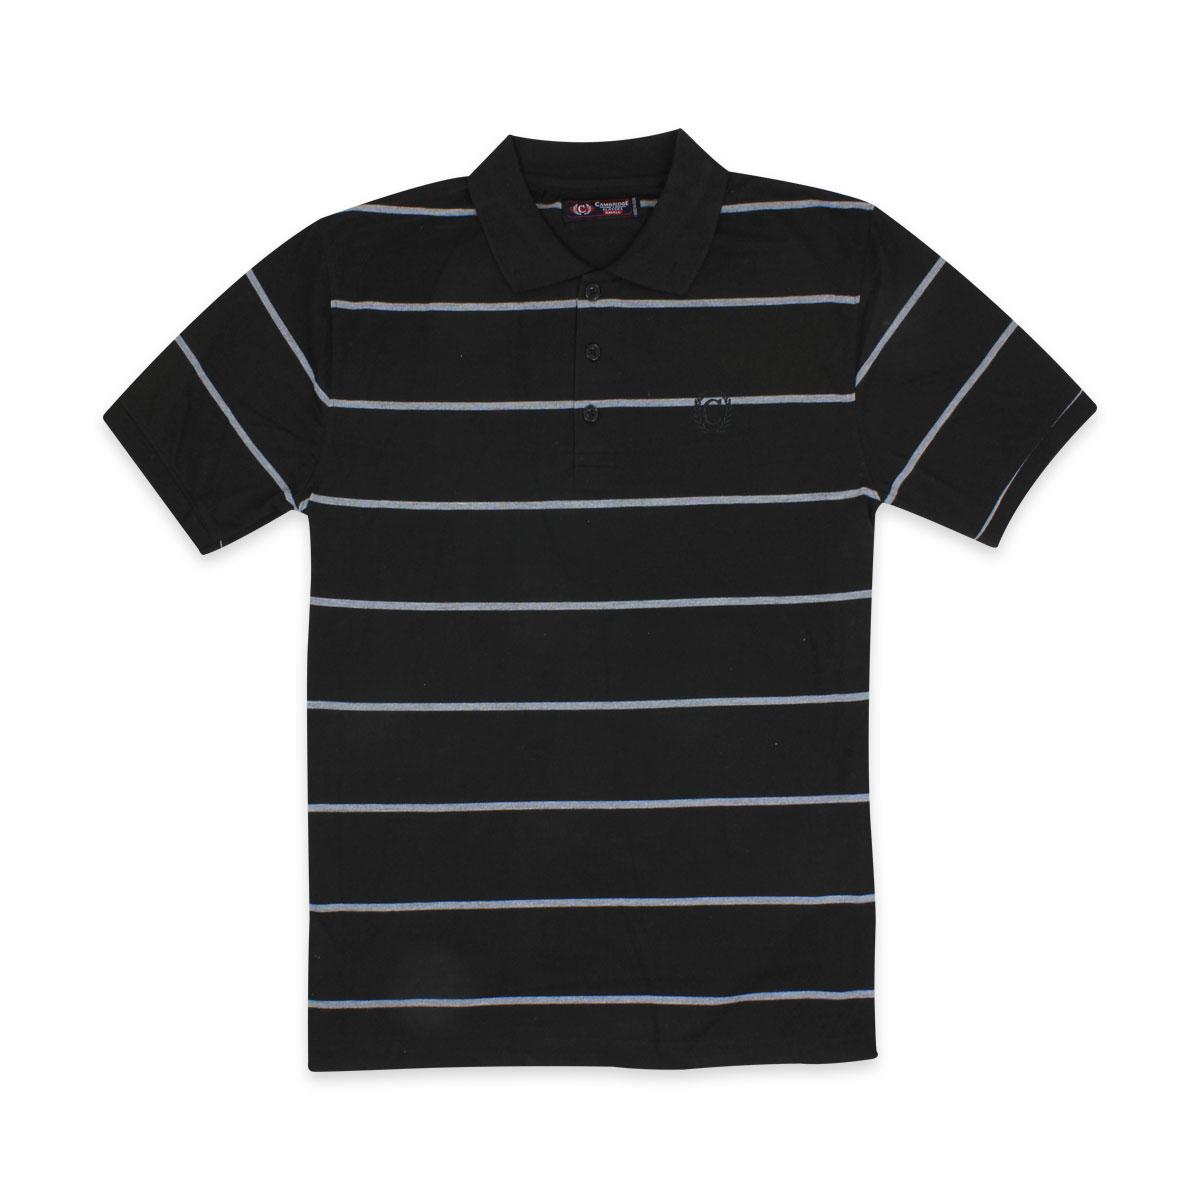 Camisas-Polo-Para-Hombre-A-Rayas-Pique-Con-Cuello-camiseta-Camiseta-Manga-Corta-De-Verano-S-M-L-XL miniatura 36